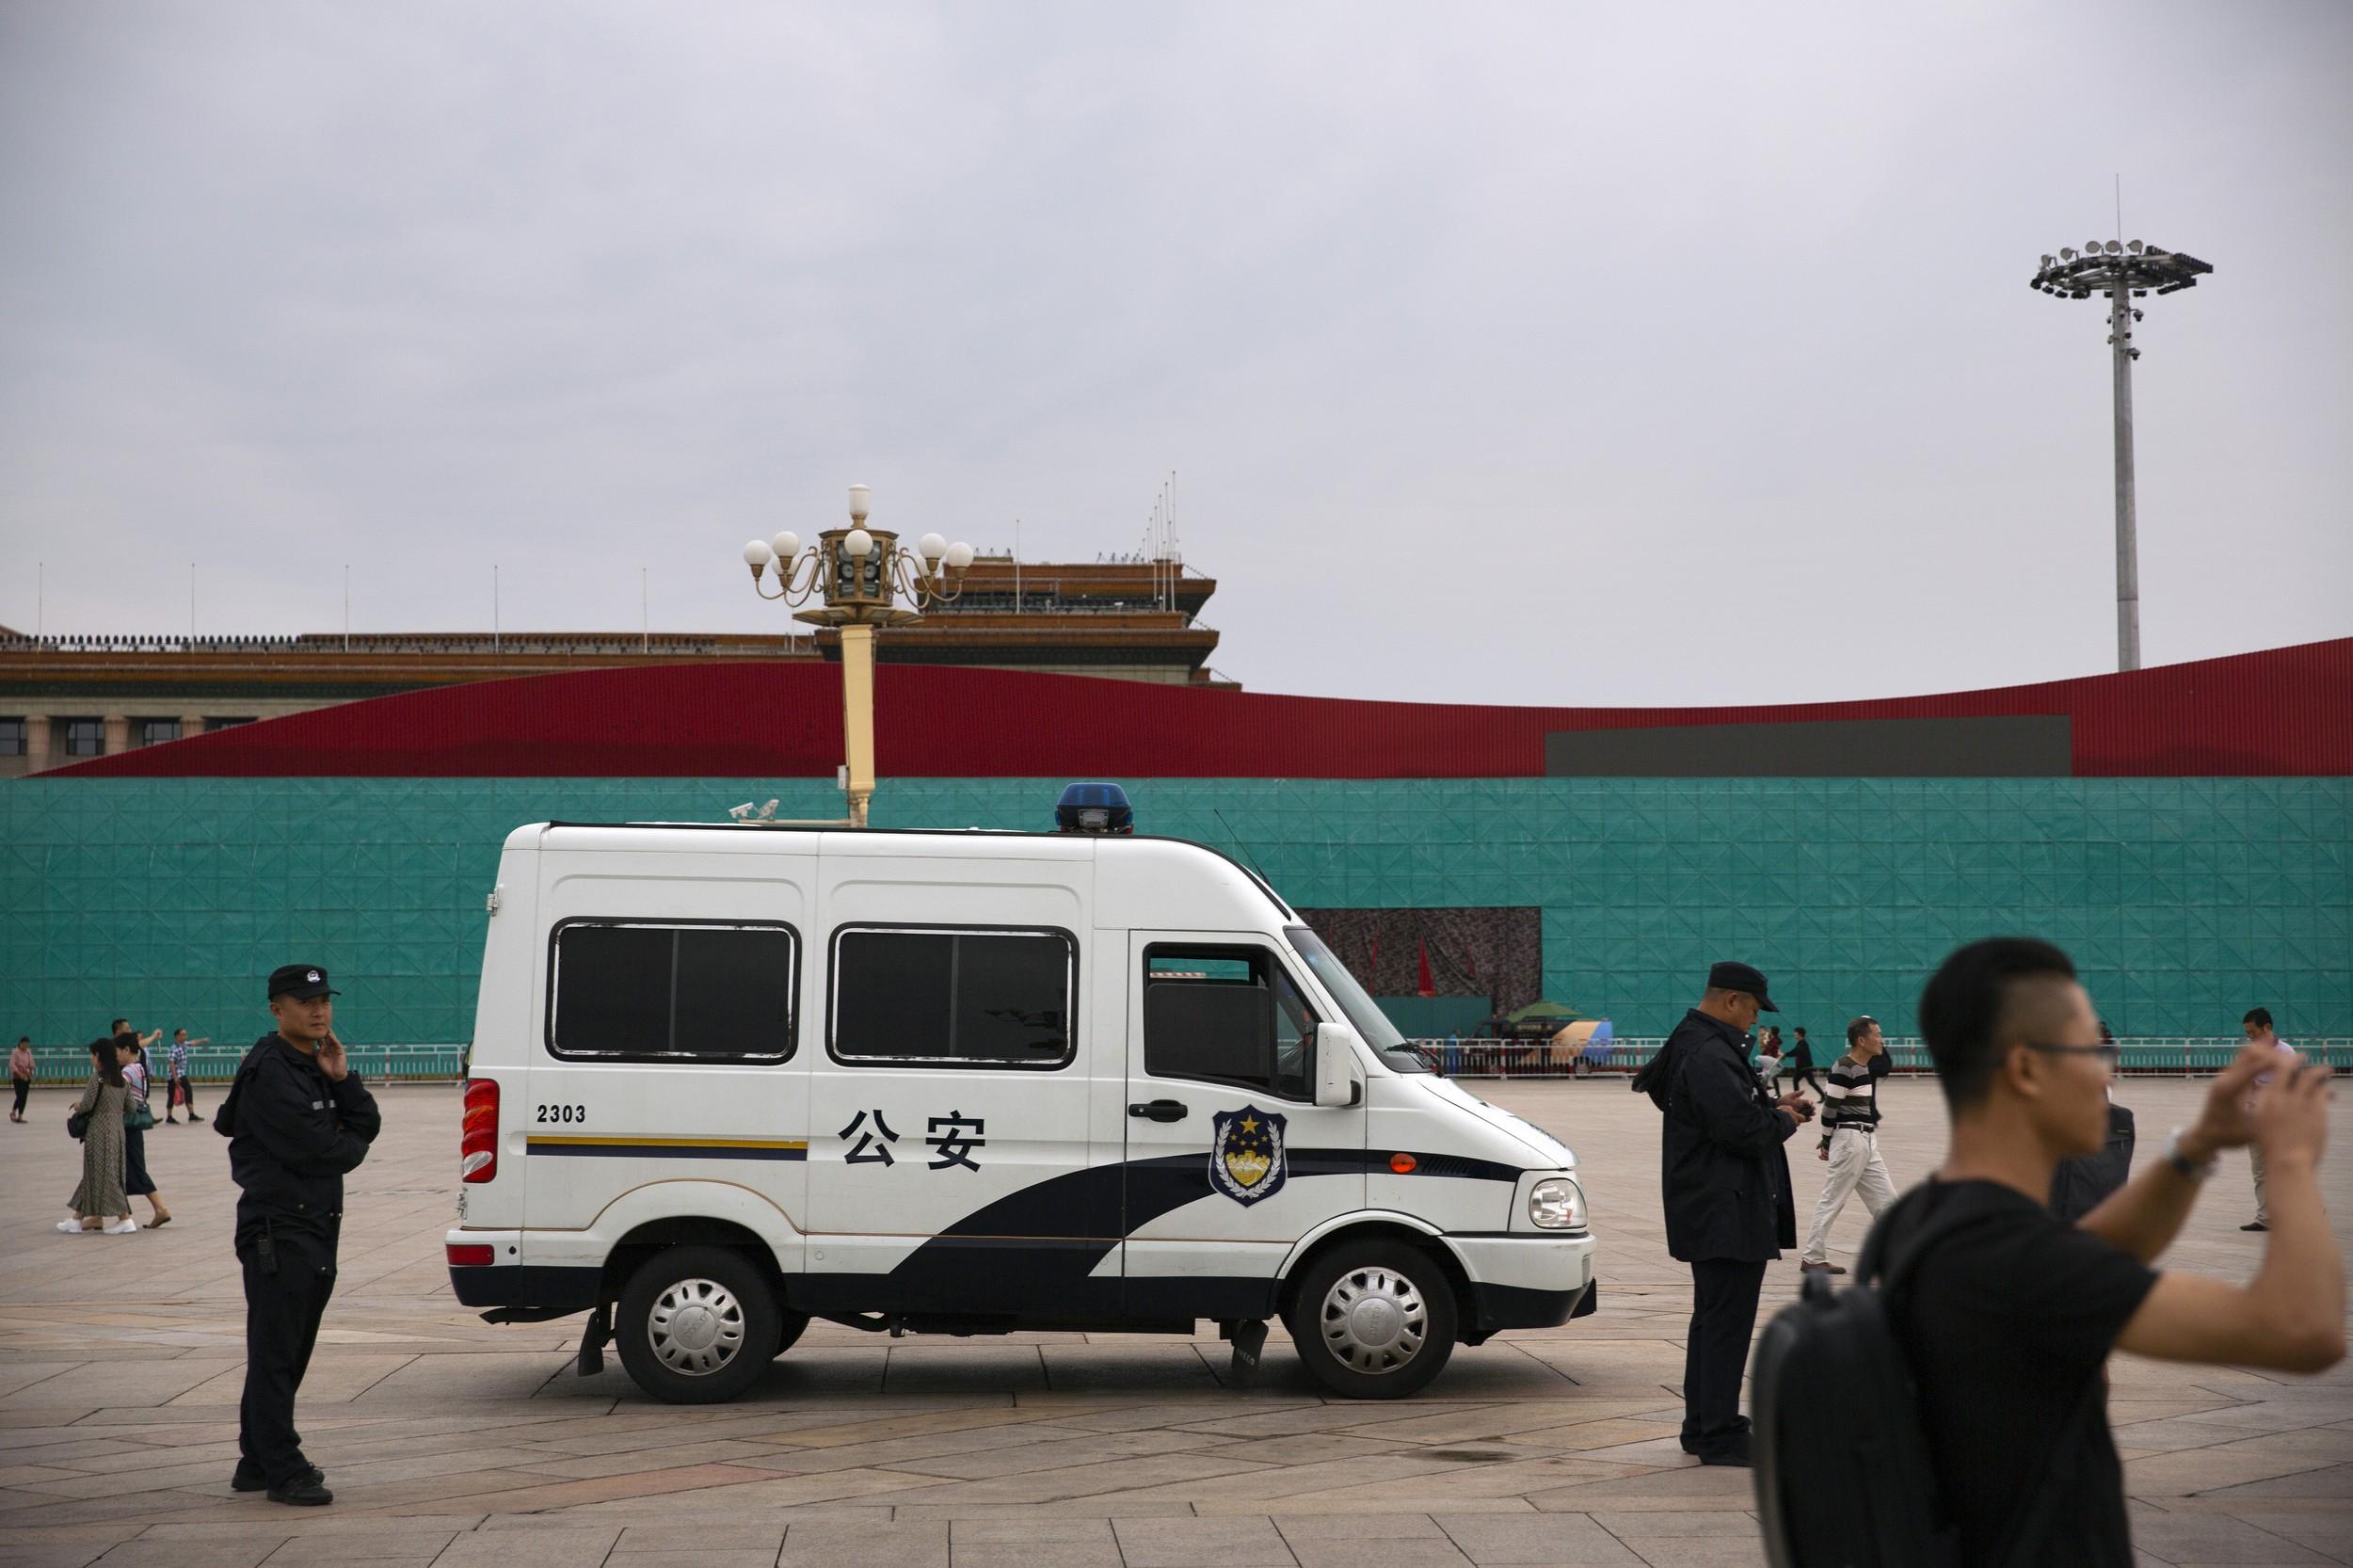 2019年9月7日,在紧张的军演准备工作中,北京长安街上警车在执勤。(美联社)